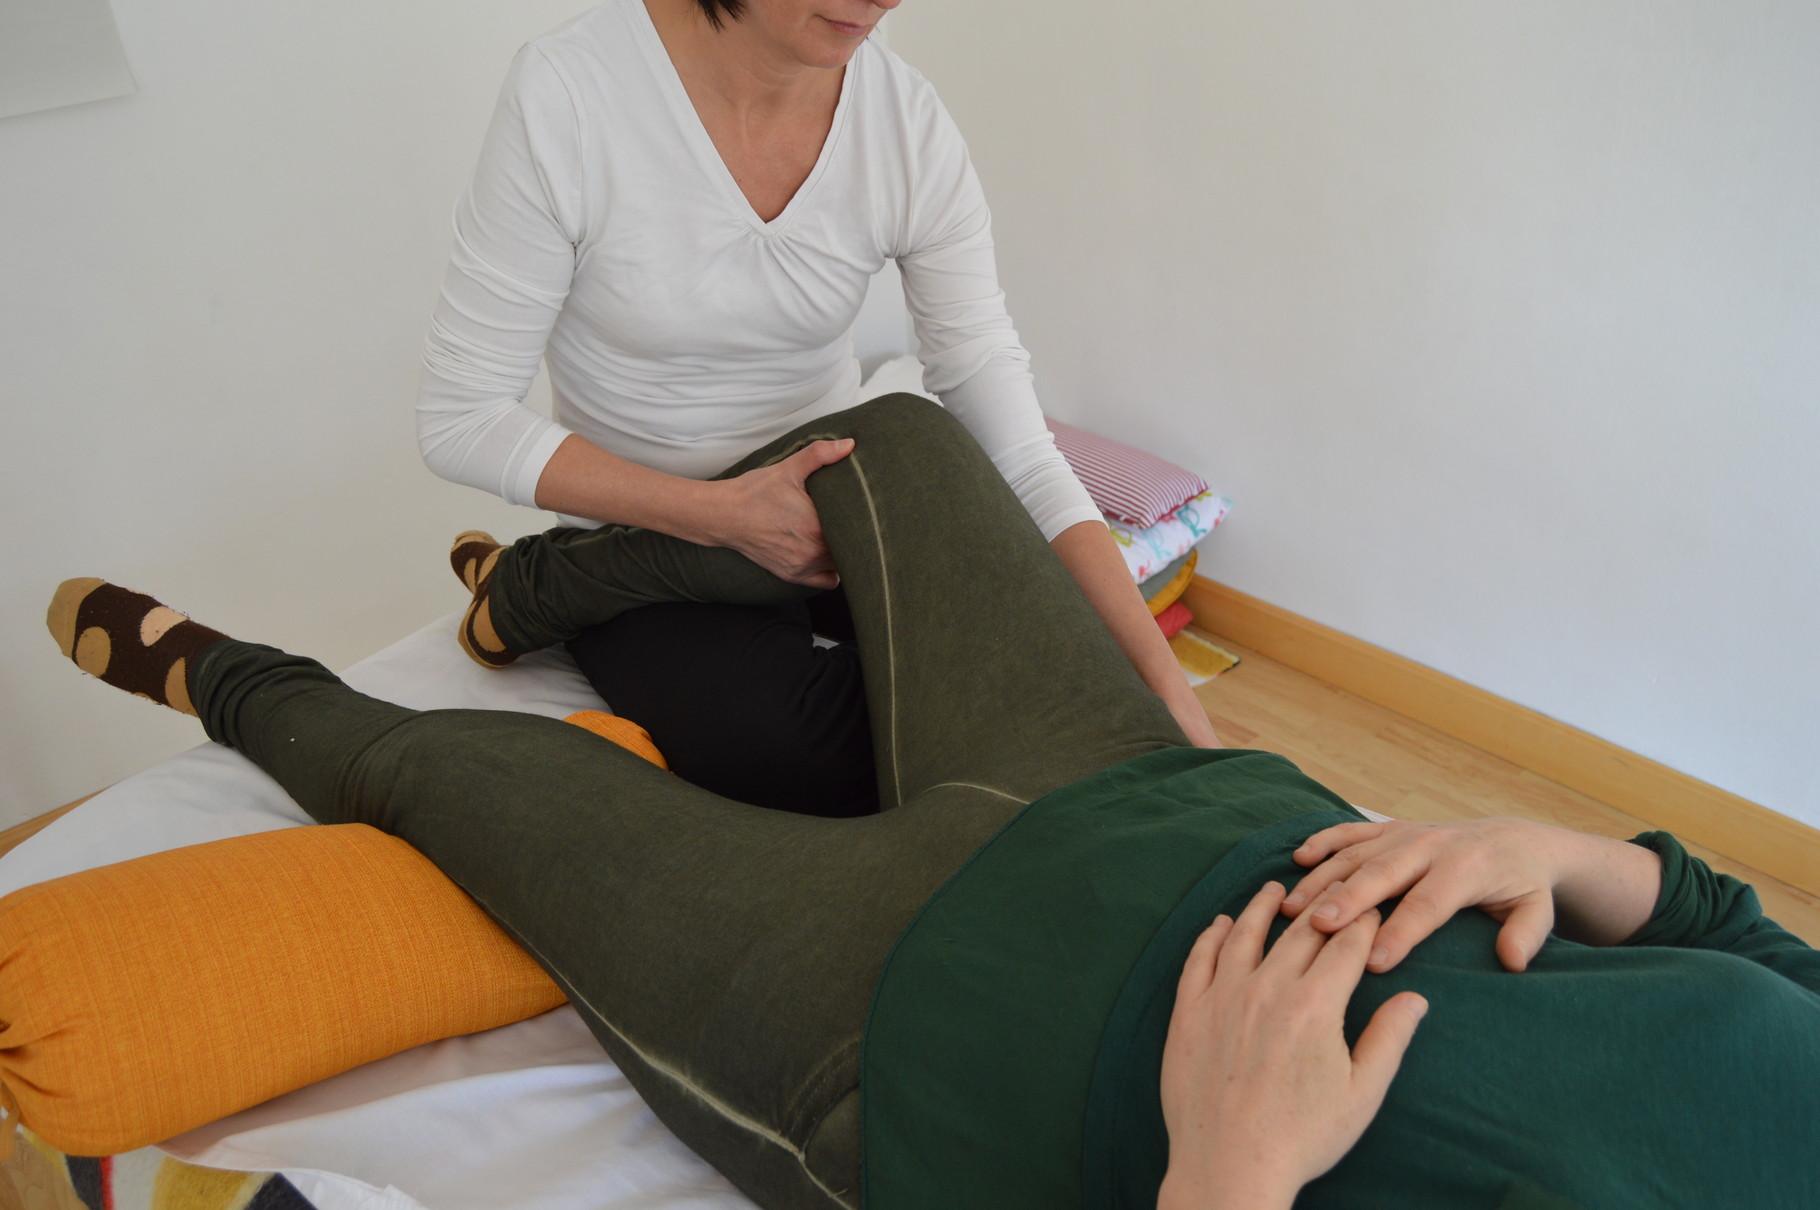 Étirement de la cuisse et relier le genou à la hanche